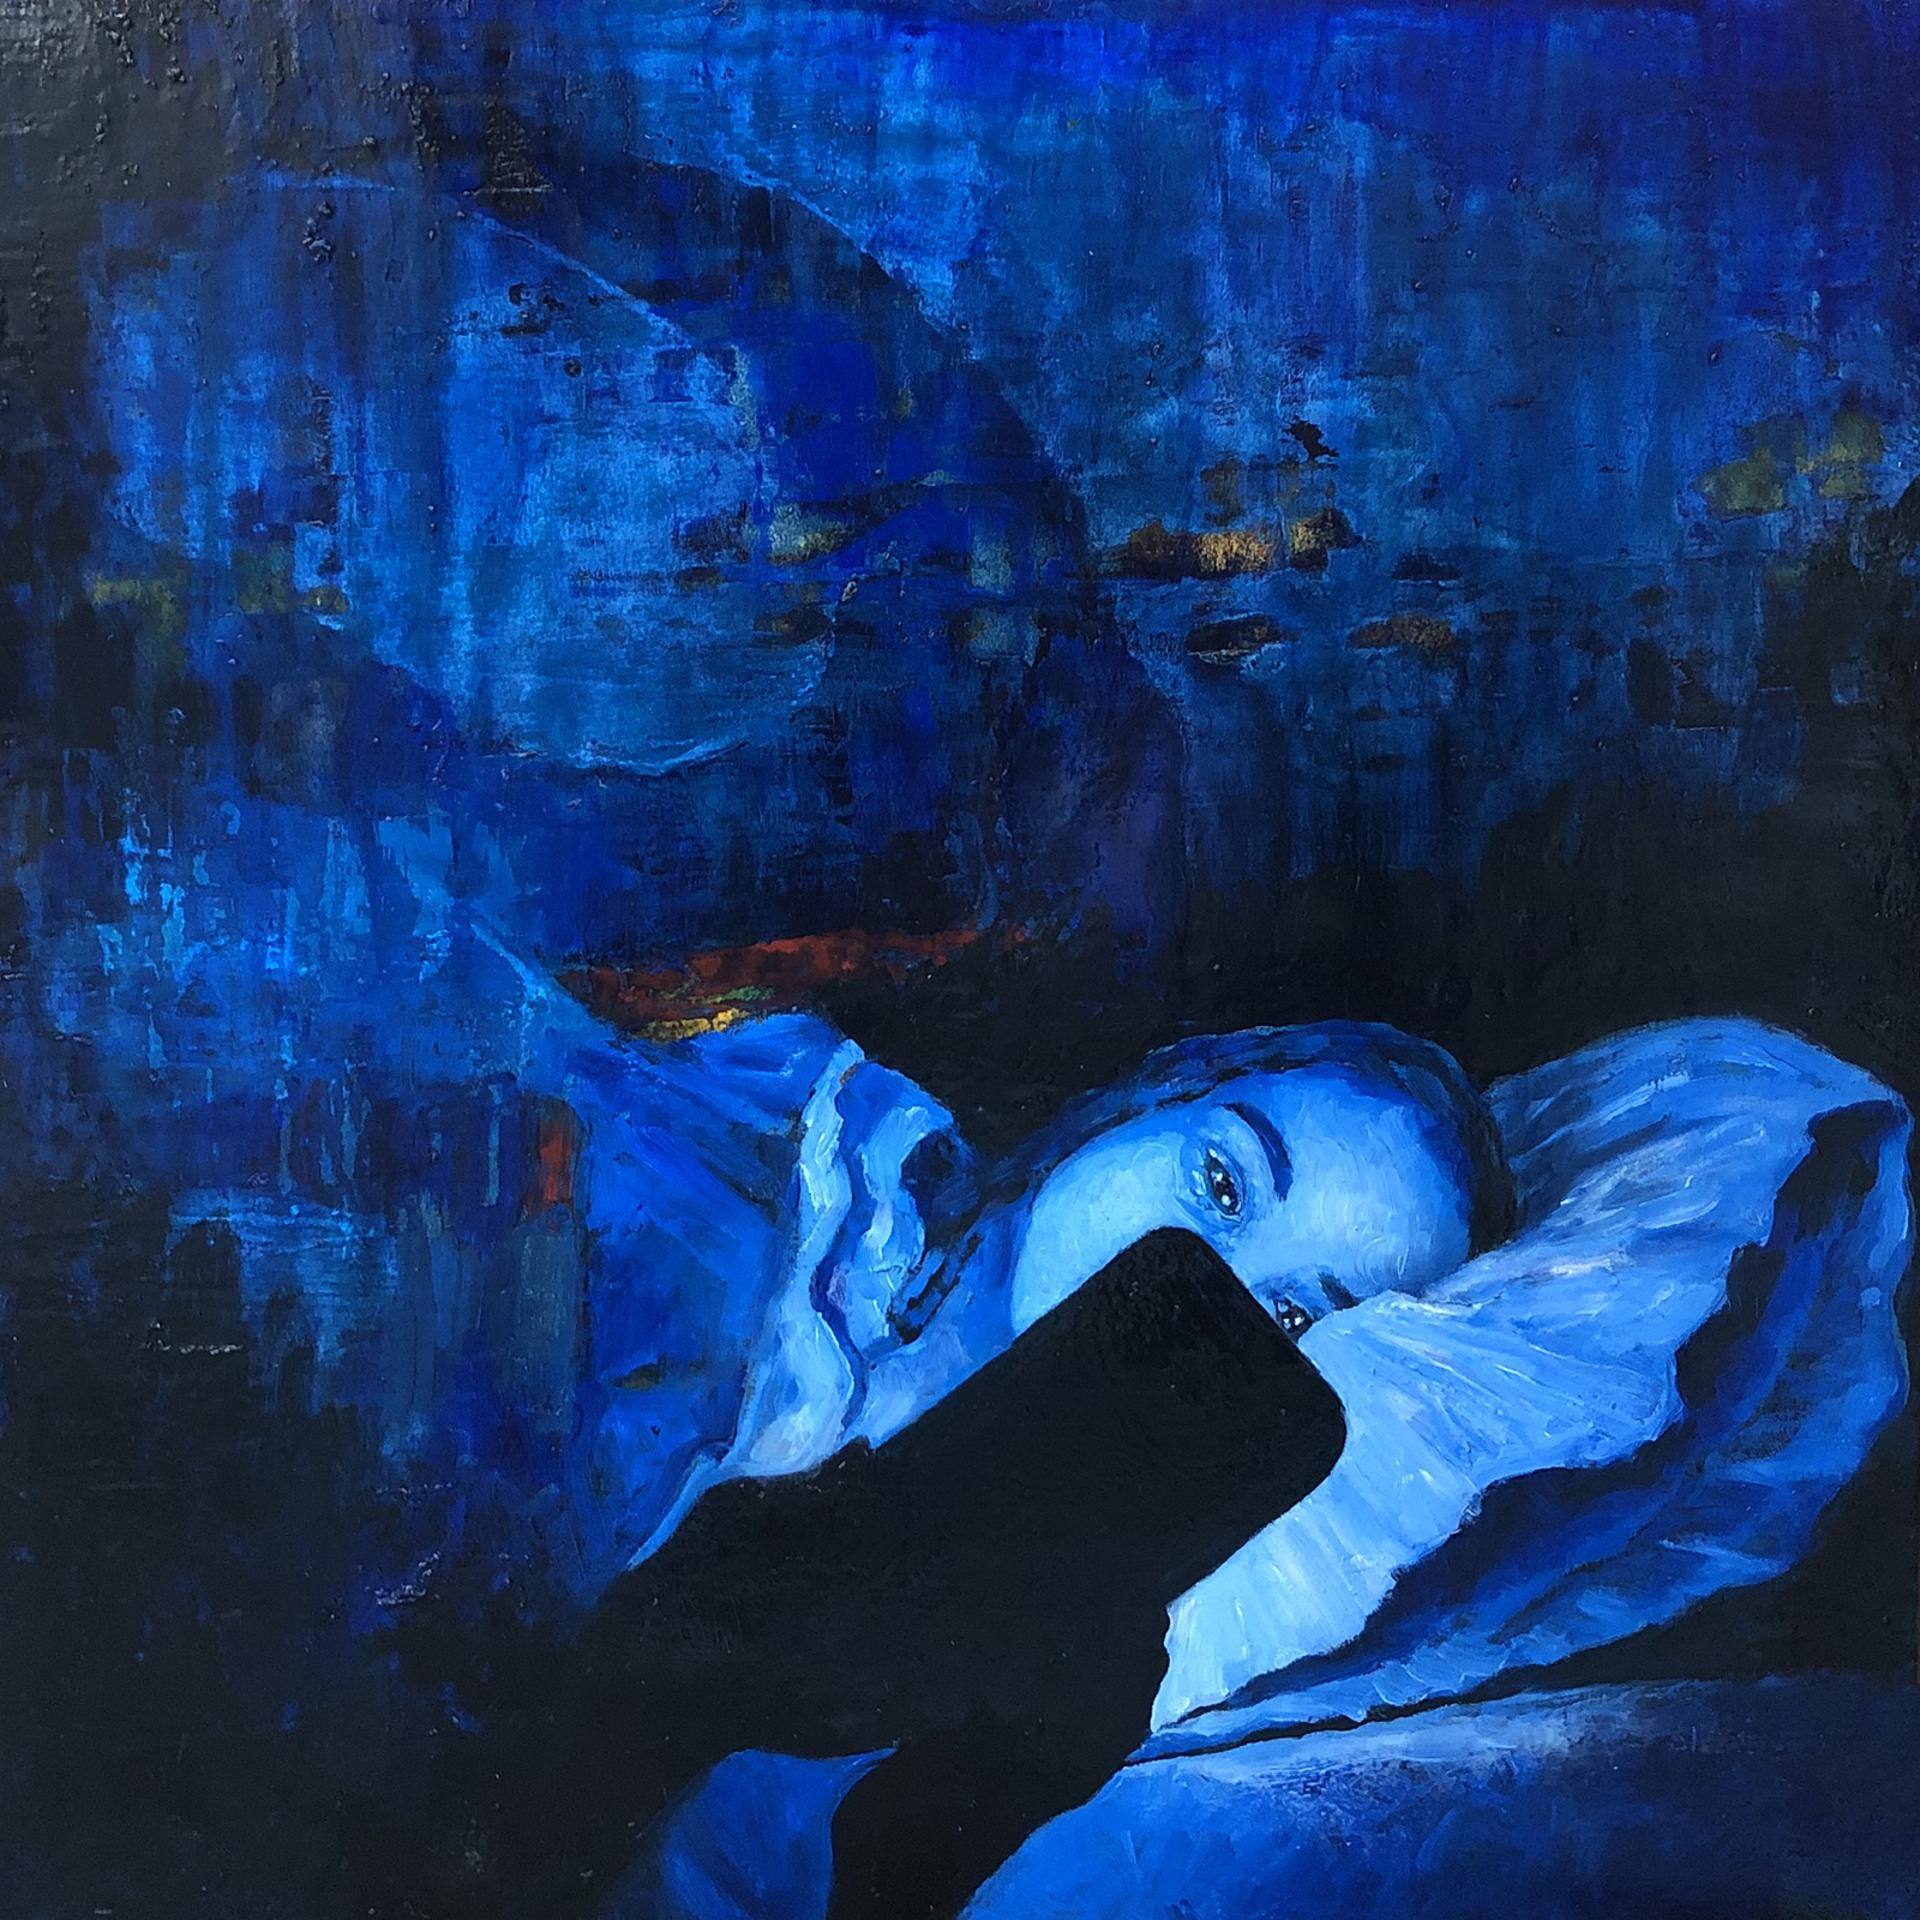 Late Night Blue Light by Kimberly Wheaton